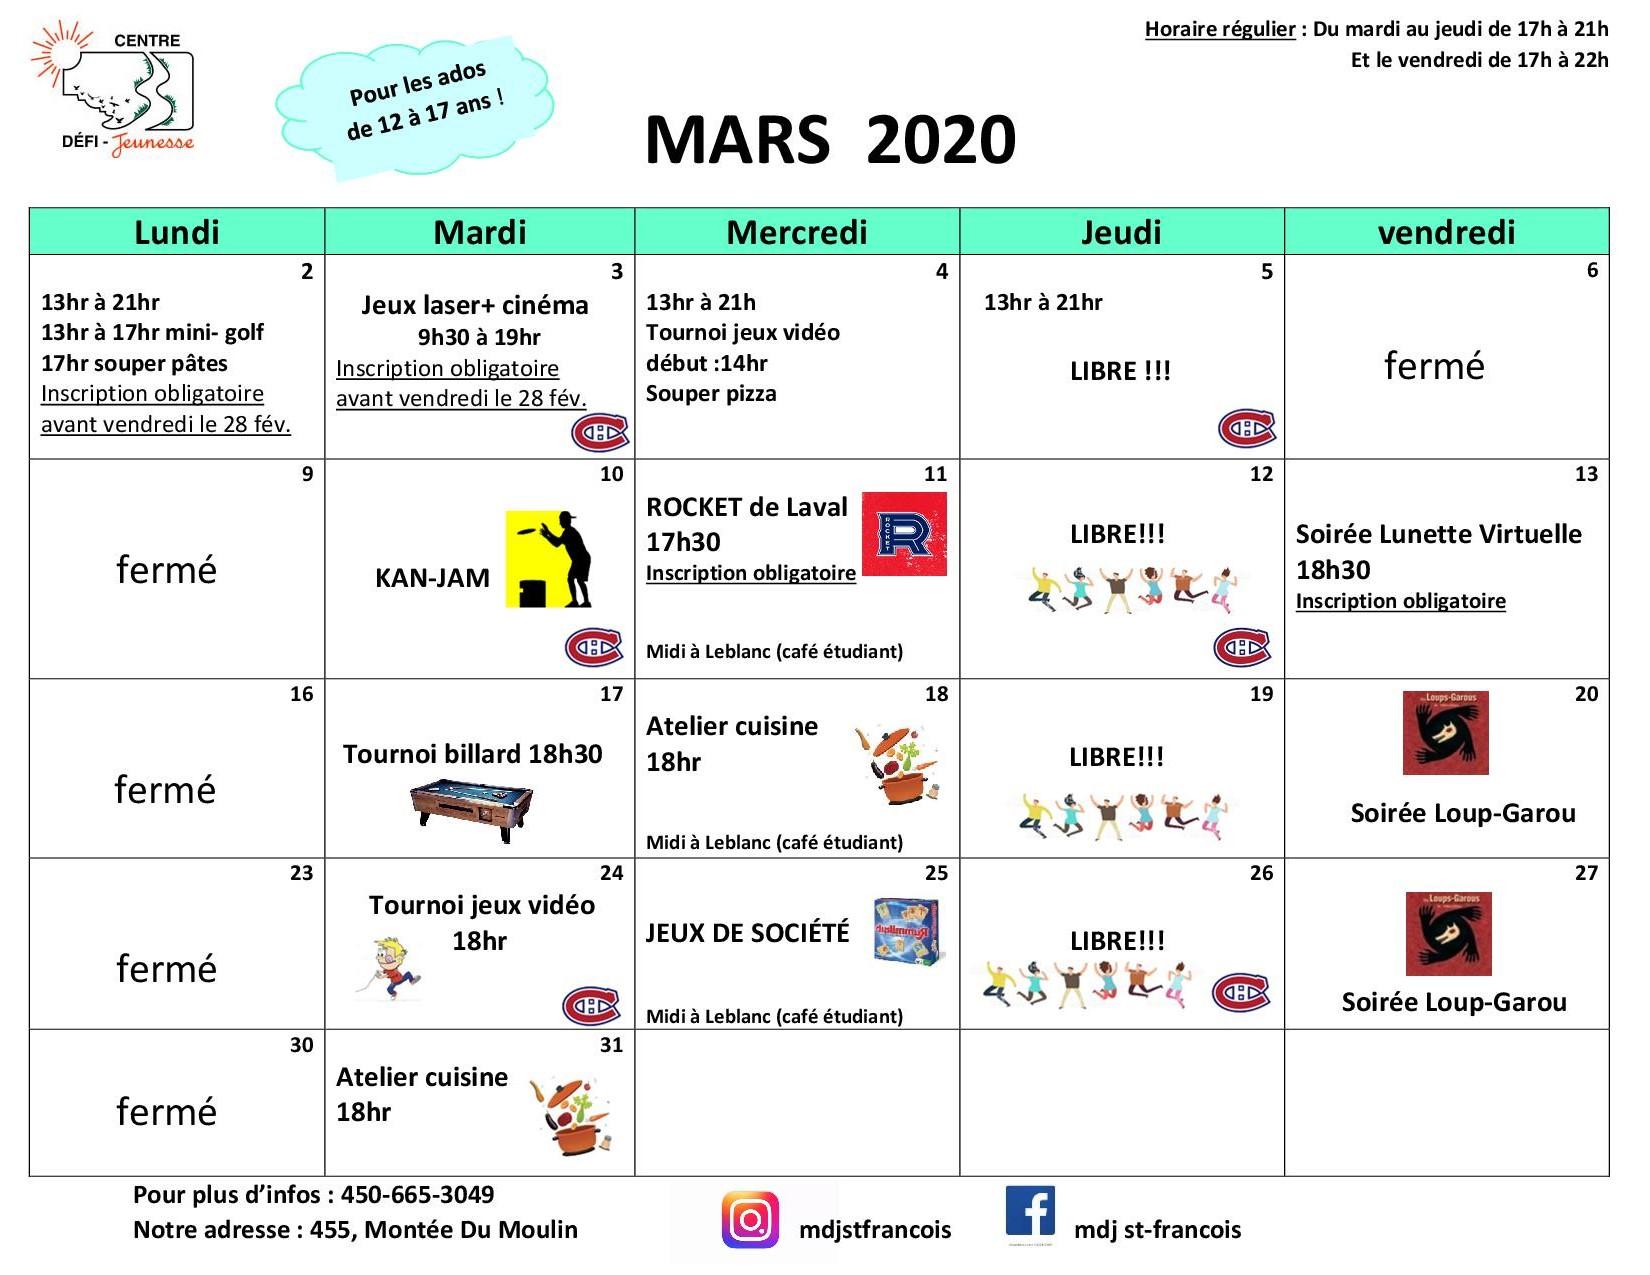 Calendrier CDJ mars 2020